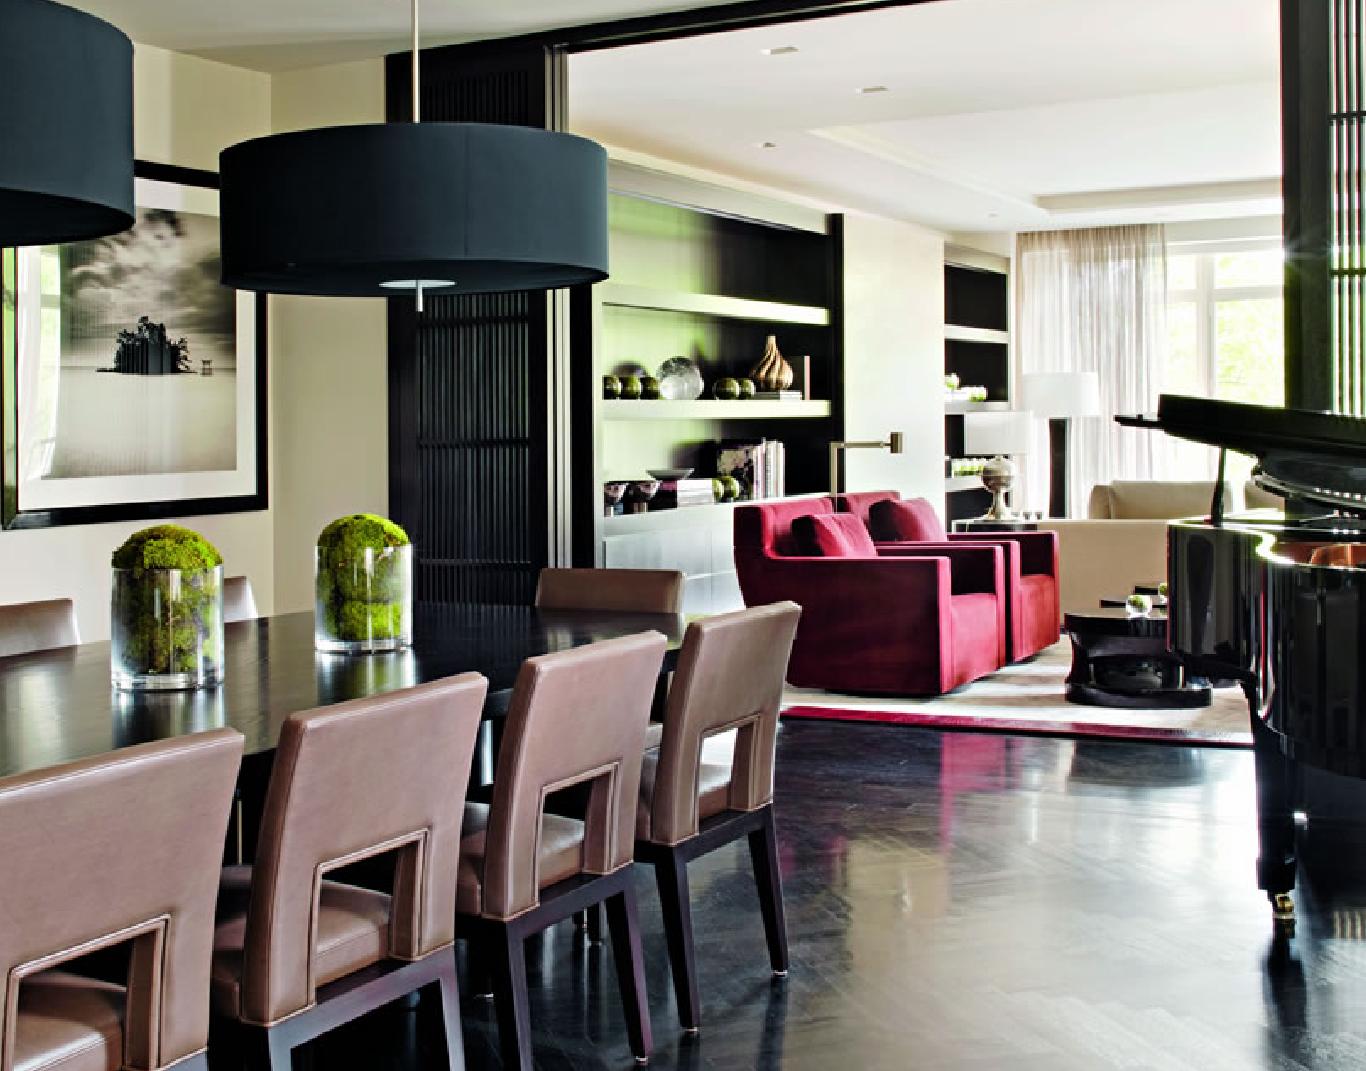 Decandyou ideas de decoraci n y mobiliario para el hogar estilos y tendencias blog de - Muebles urban chic ...